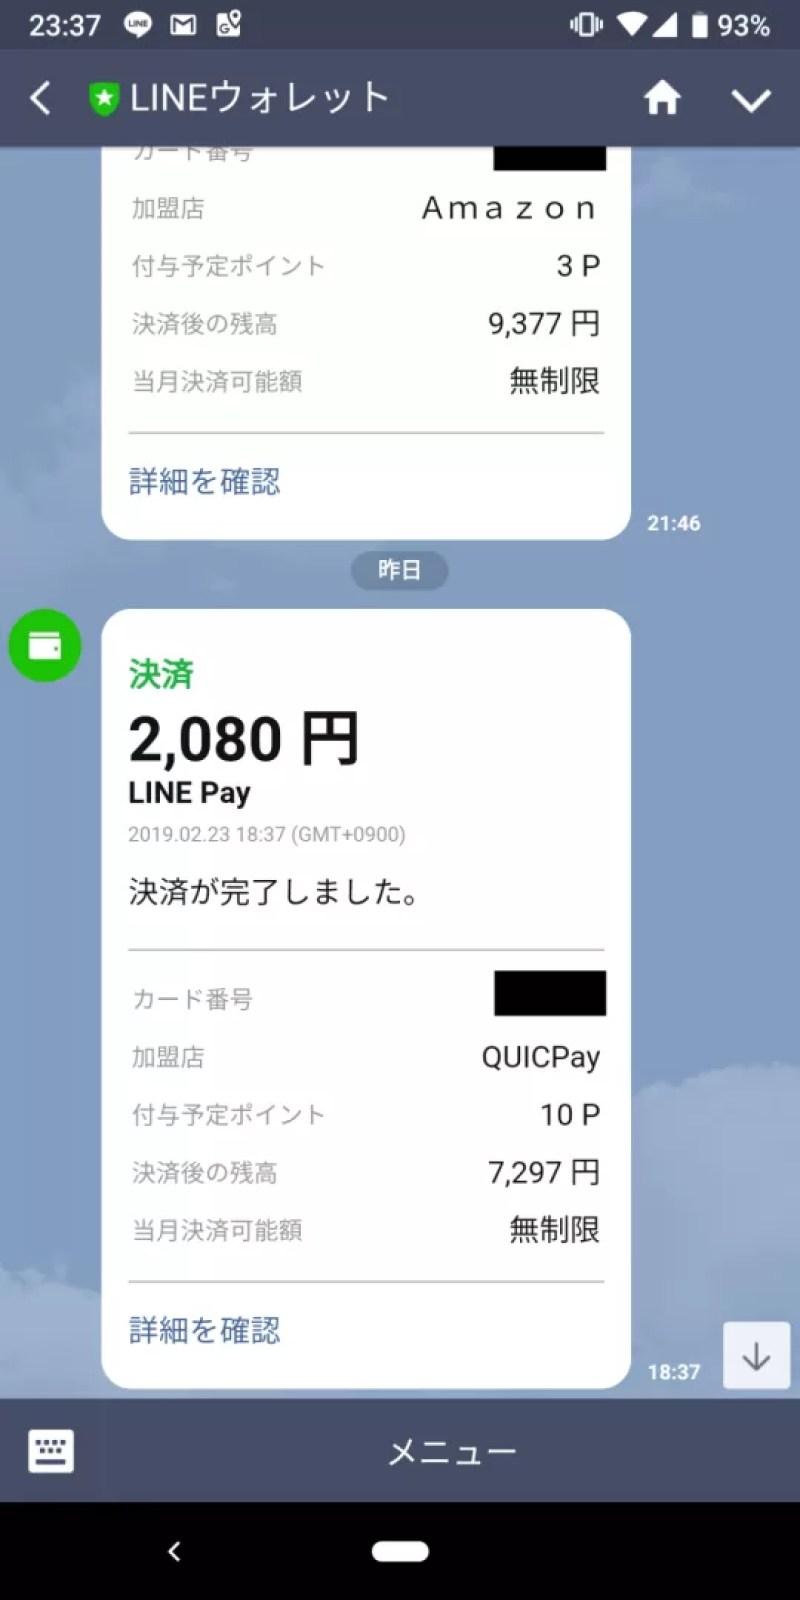 LINE PayはLINEで管理できる